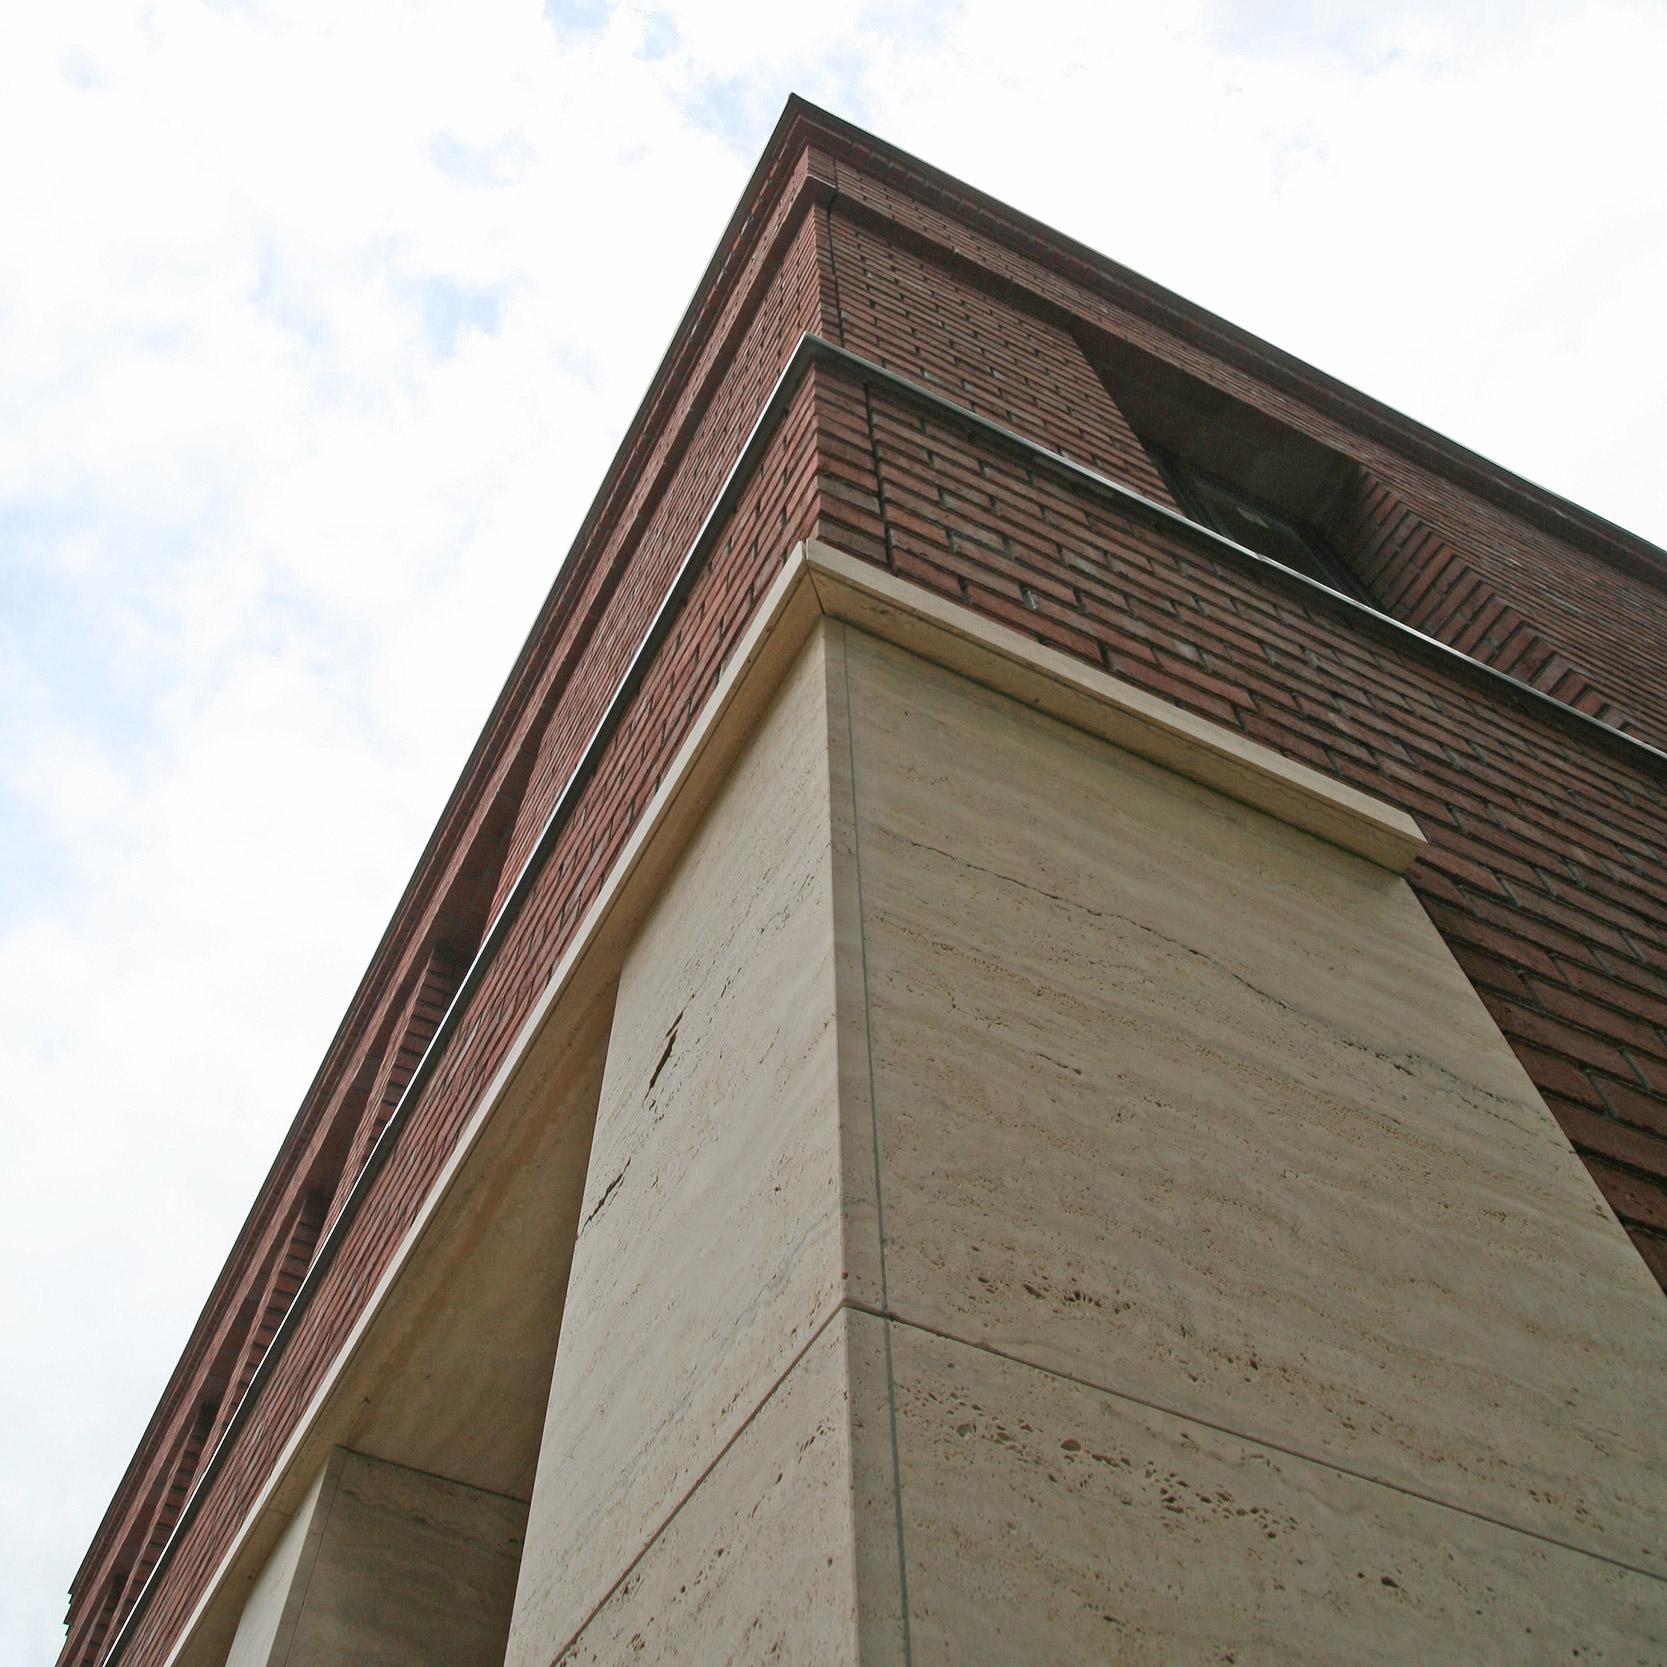 Die Klinkerfassade im Läuferverband ist mit Gesimsen aus Backstein und Travertin gegliedert